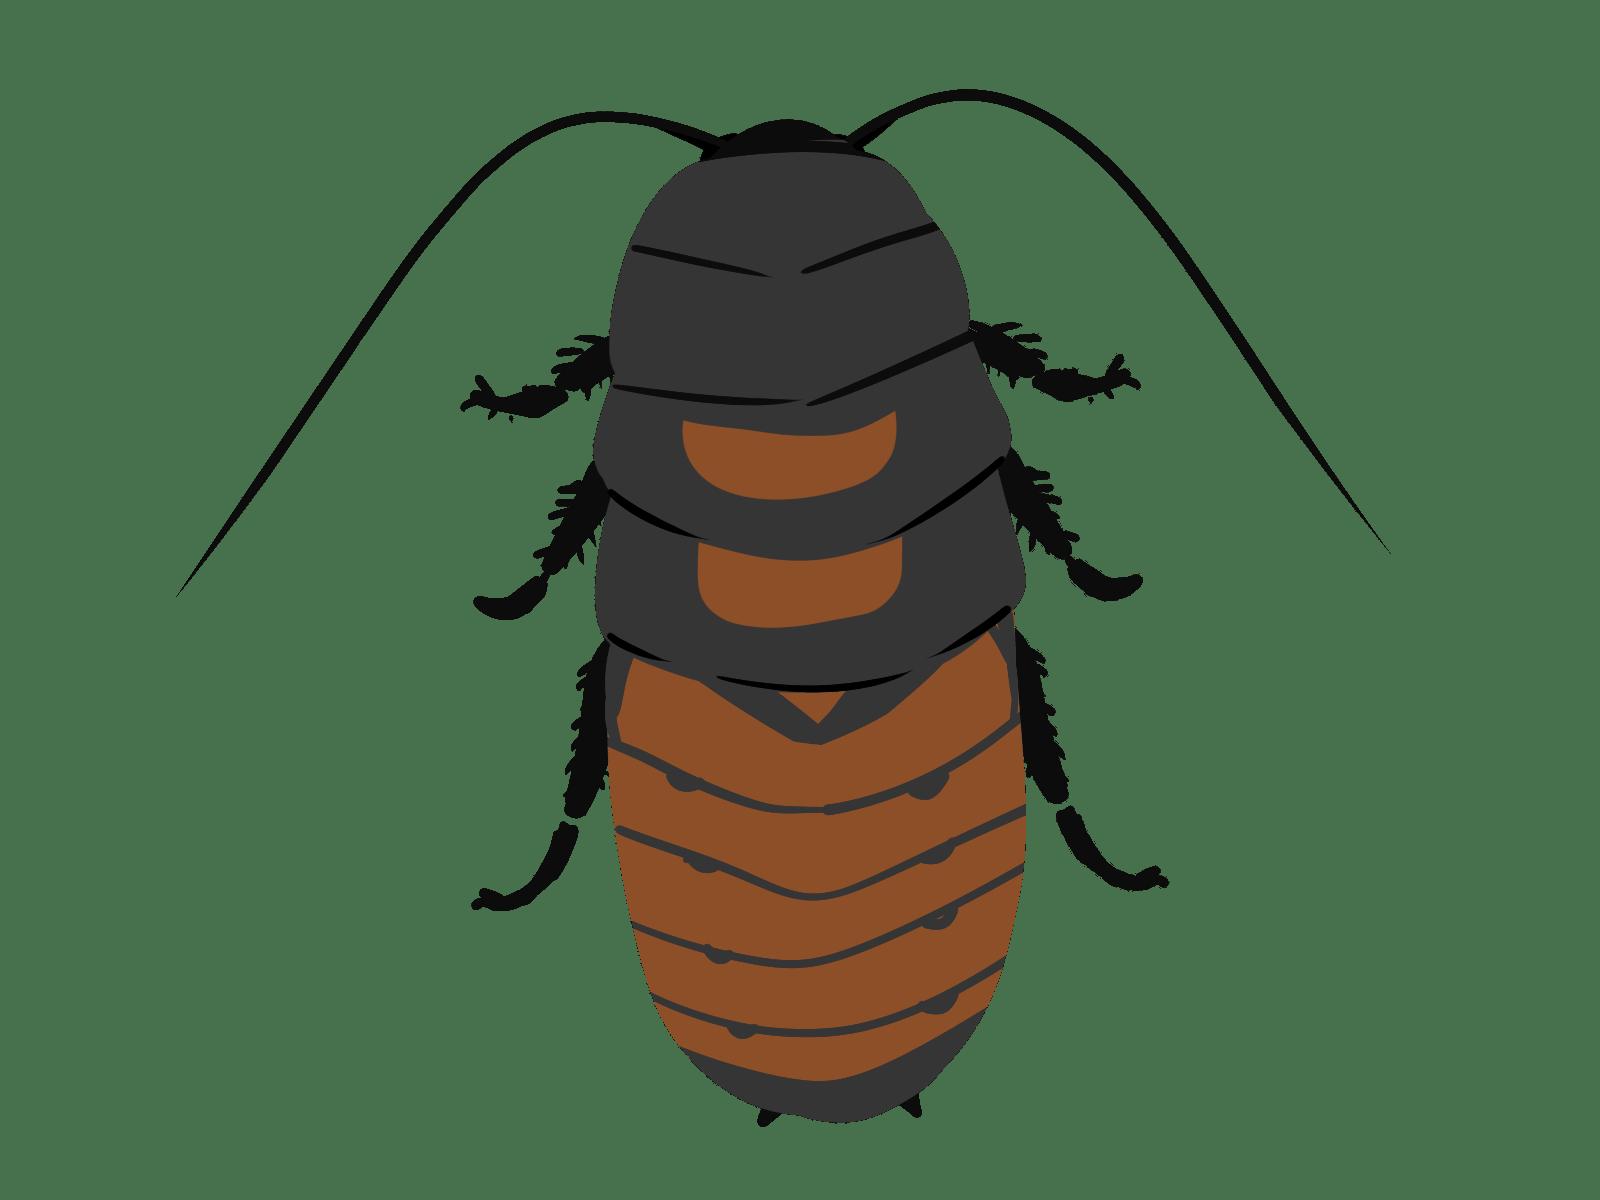 マダガスカルゴキブリのイラスト